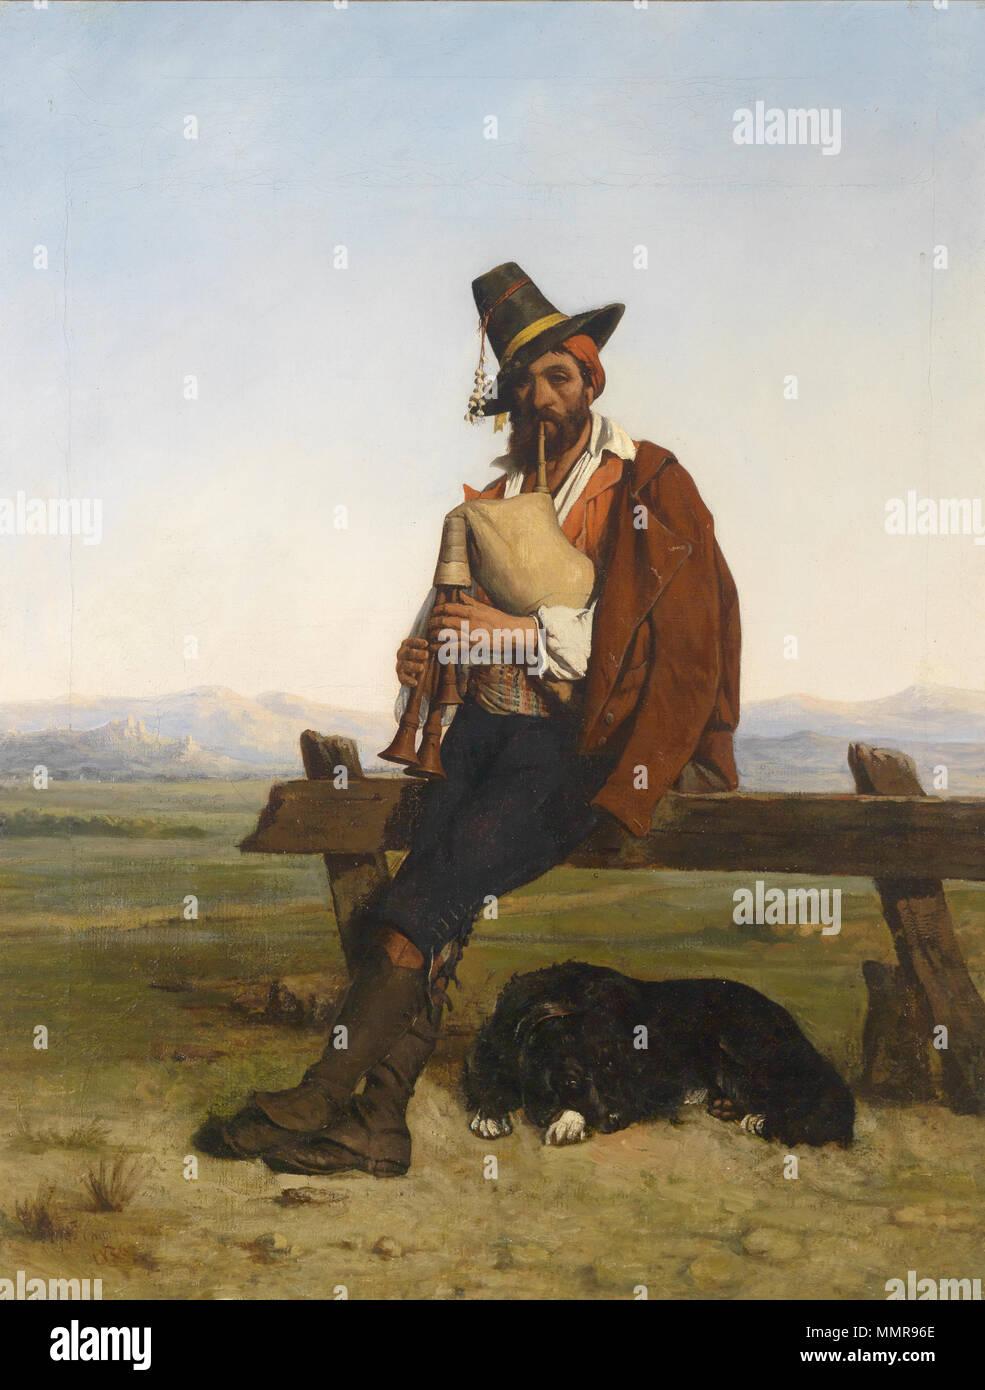 . Italienische Landschaft mit einem musizierenden Hirten, signiert, datiert Charpentier 1836, Öl auf Leinwand, 91,9 x 71,1 cm  . 1836. Auguste Charpentier Musizierender Hirte 1836 Stock Photo